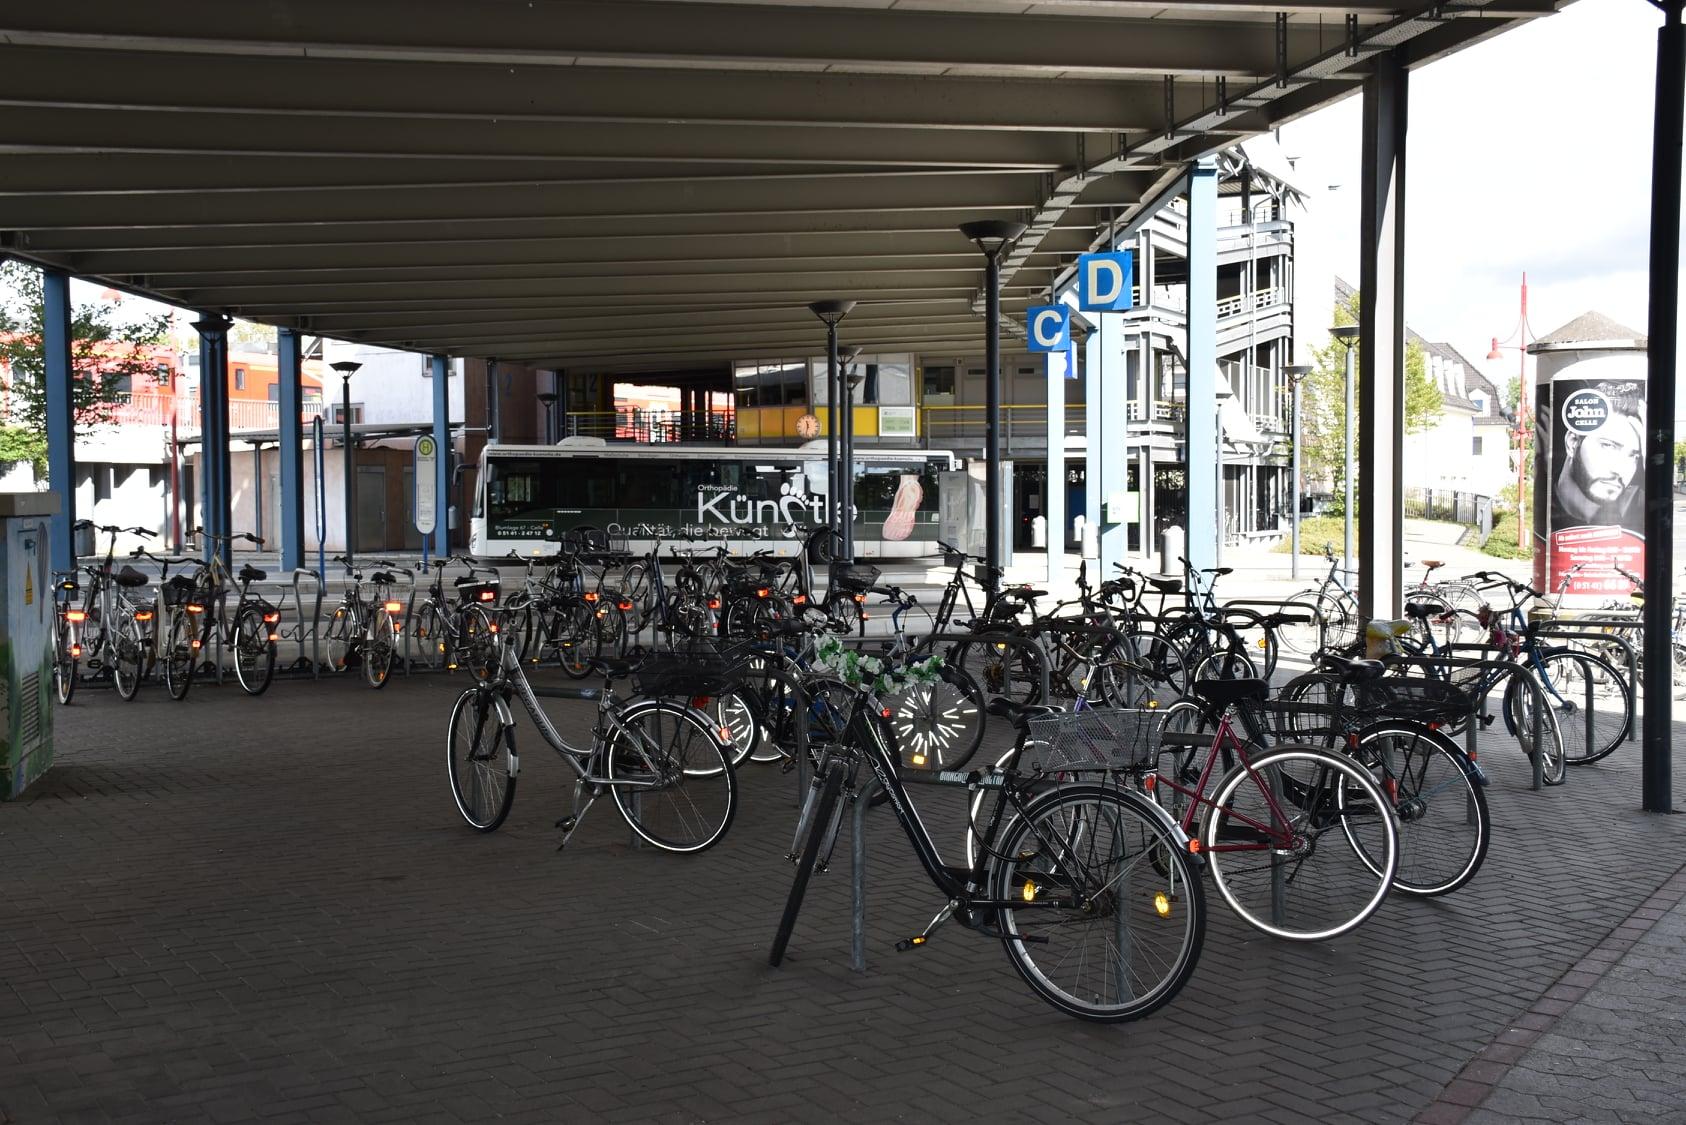 Fahrräder am Bahnhof